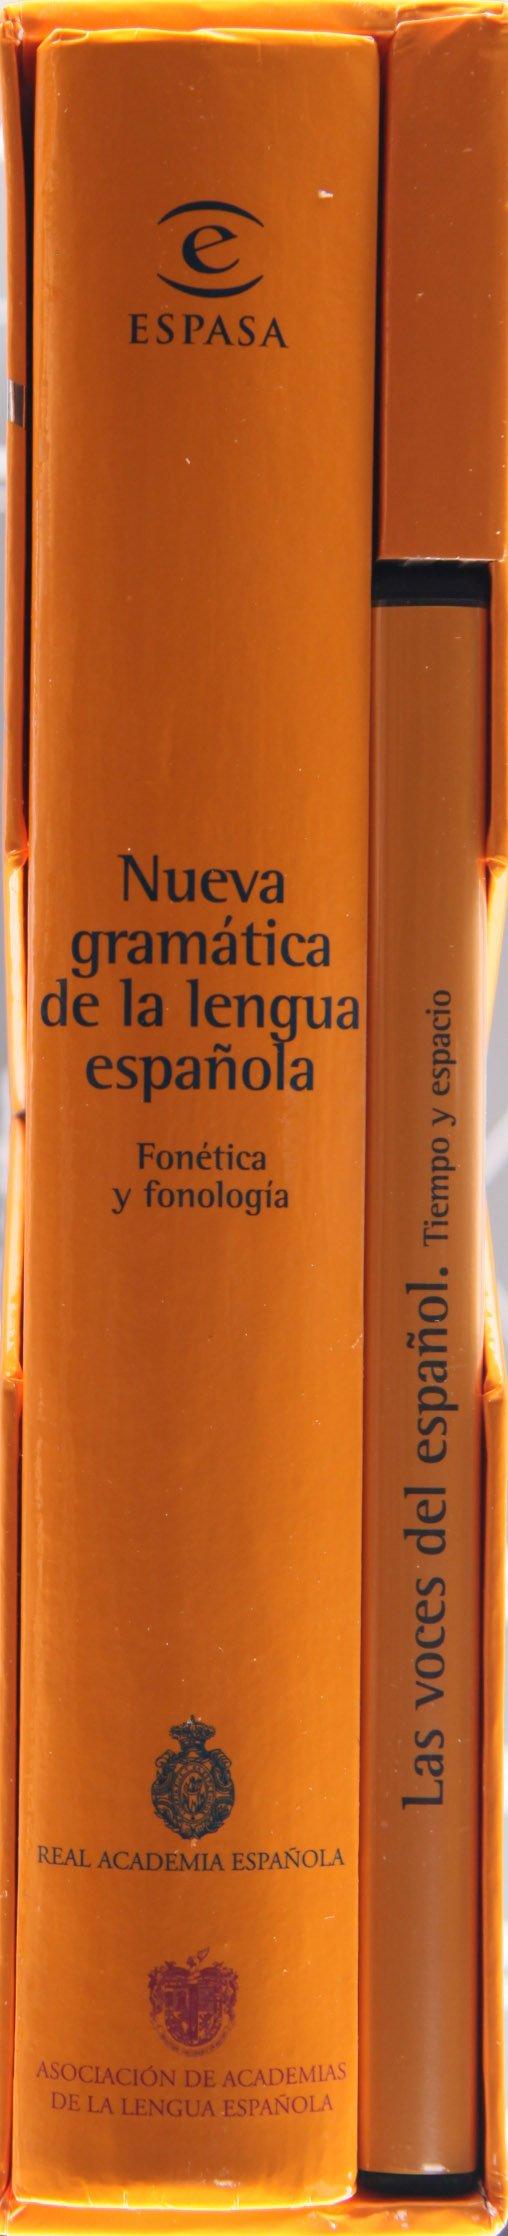 Nueva Gramática De La Lengua Española Fonética Y Fonologia Book Dvd Real Academia Española 9788467033212 Books